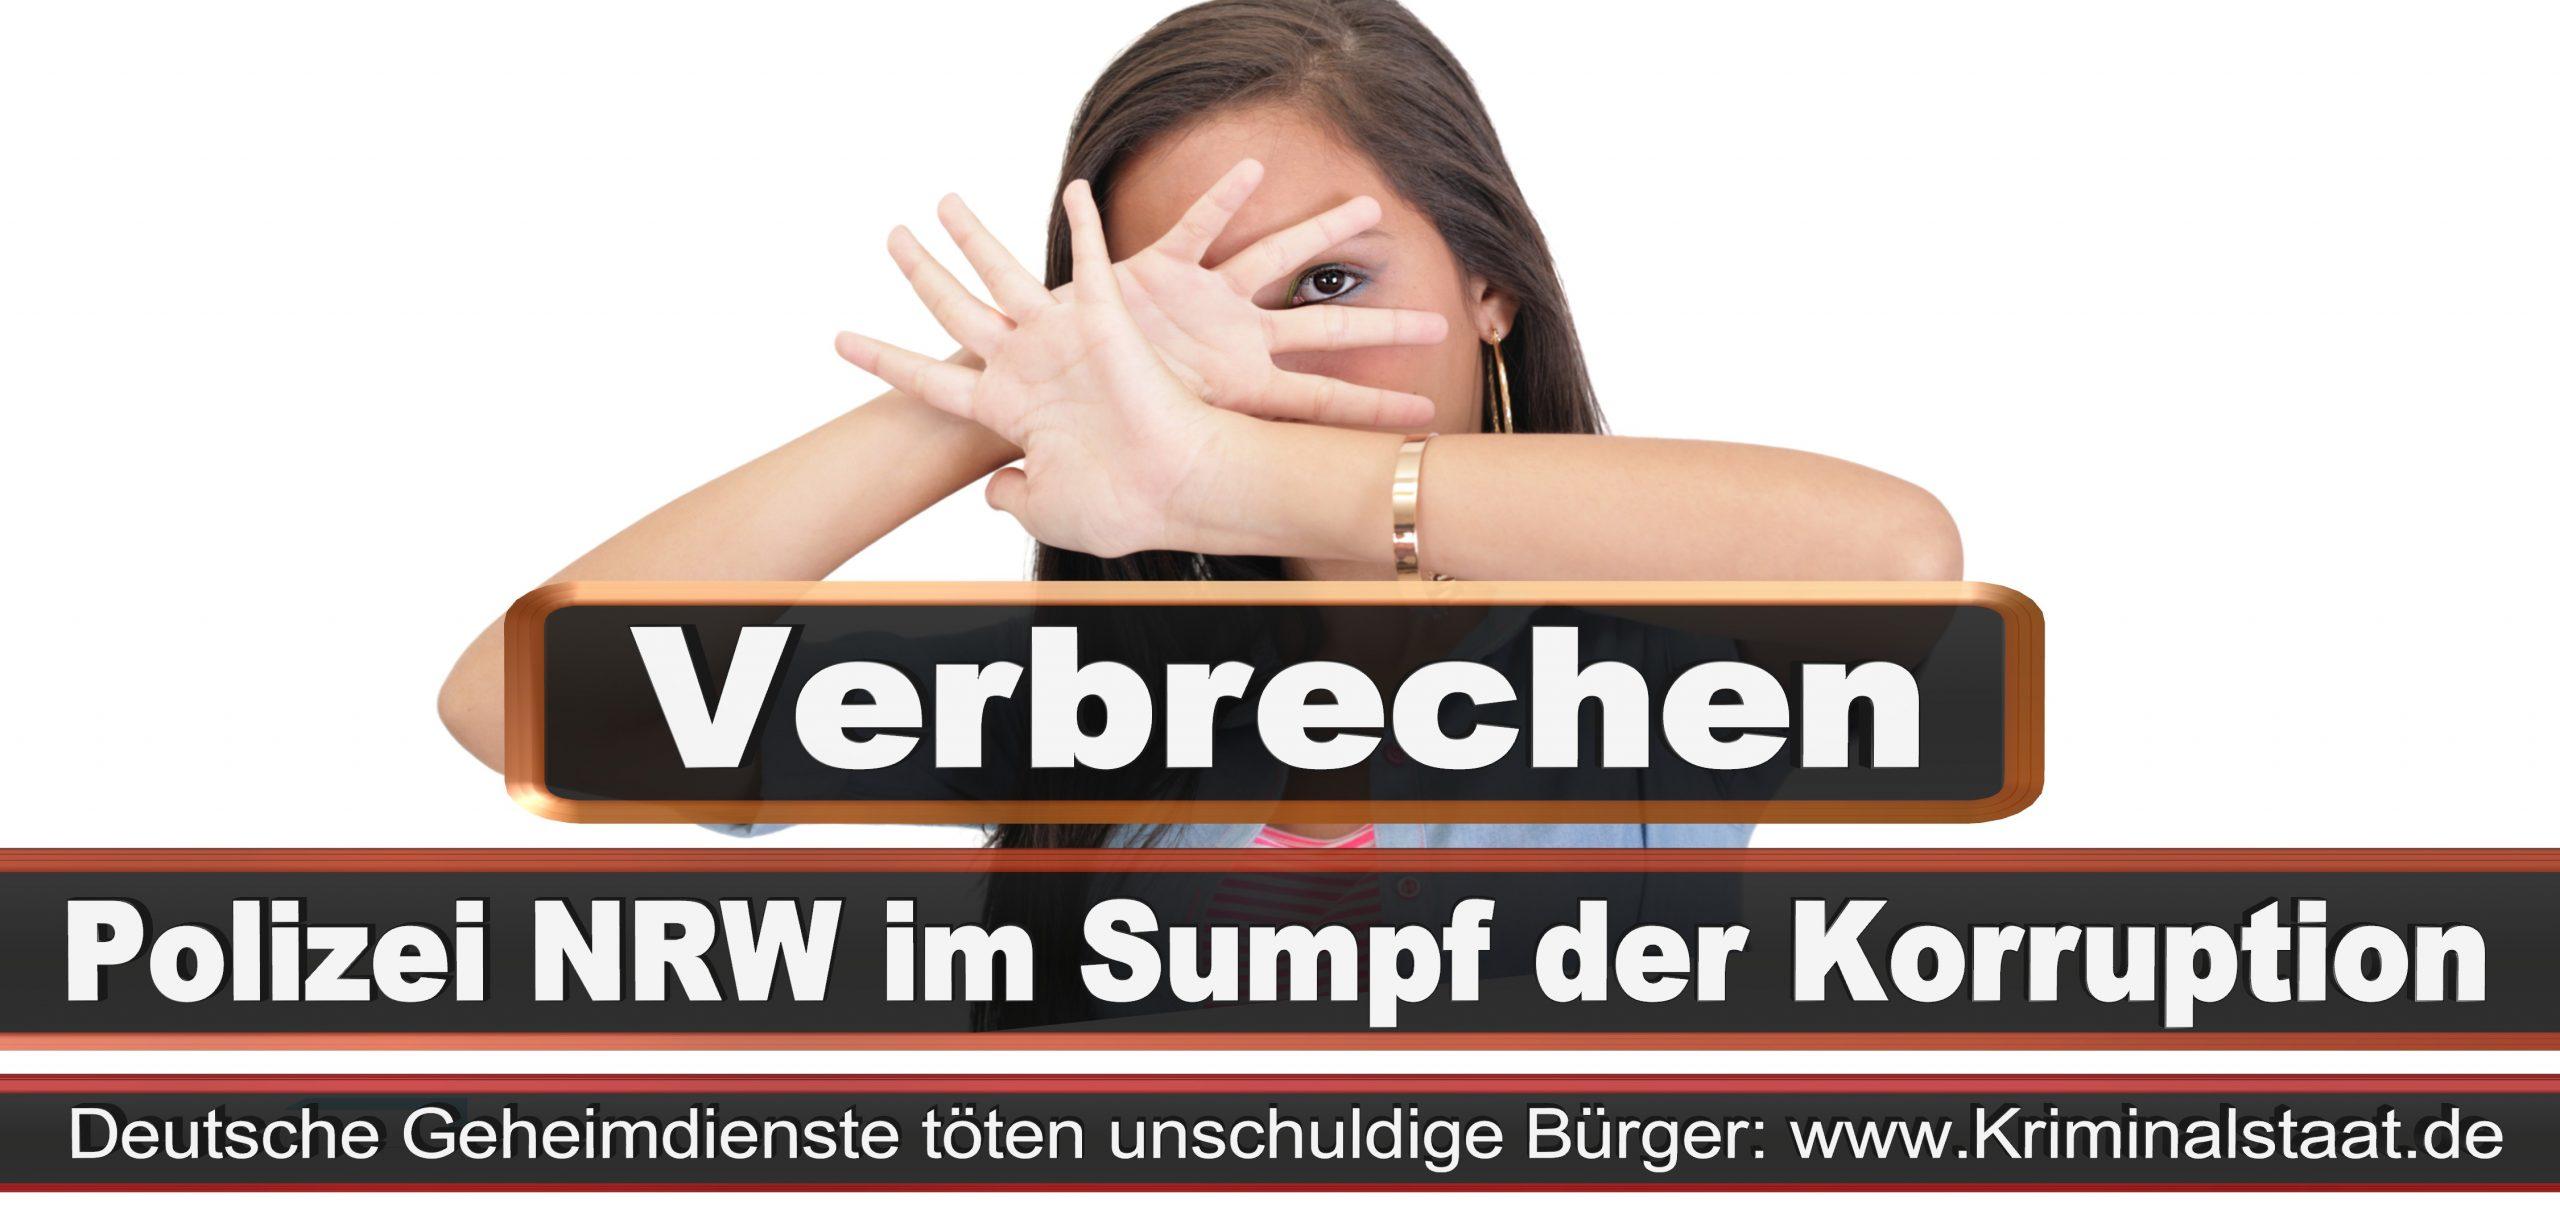 Bundestagswahl 2021 Wahlplakate CDU SPD FDP AFD Grüne Linke Stimmzettel Prognose Umfrage Kandidaten Parteien Datum (25)